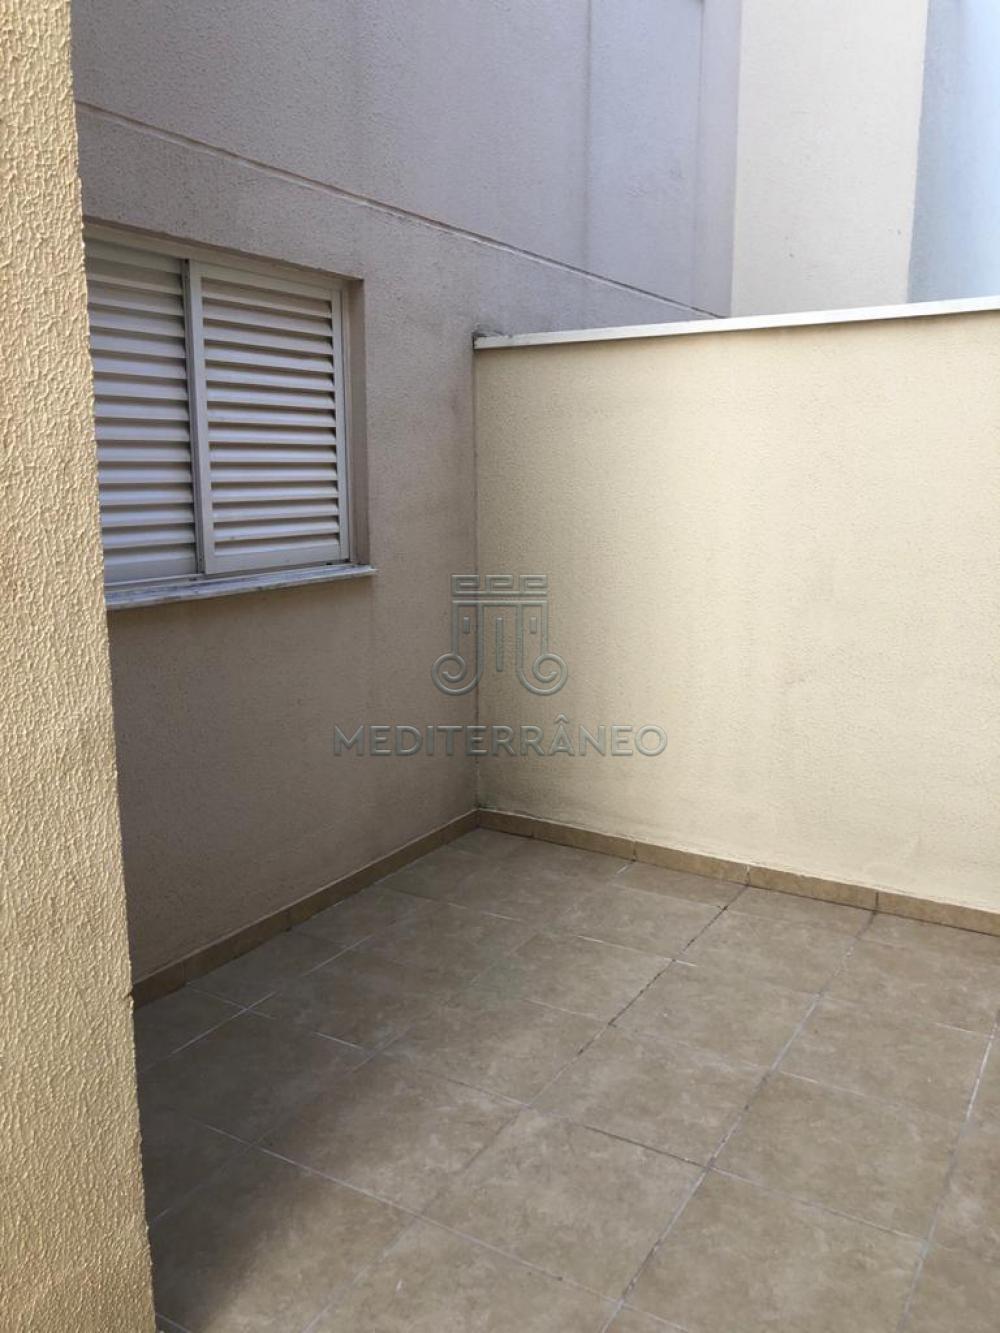 Comprar Apartamento / Padrão em Jundiaí apenas R$ 650.000,00 - Foto 18